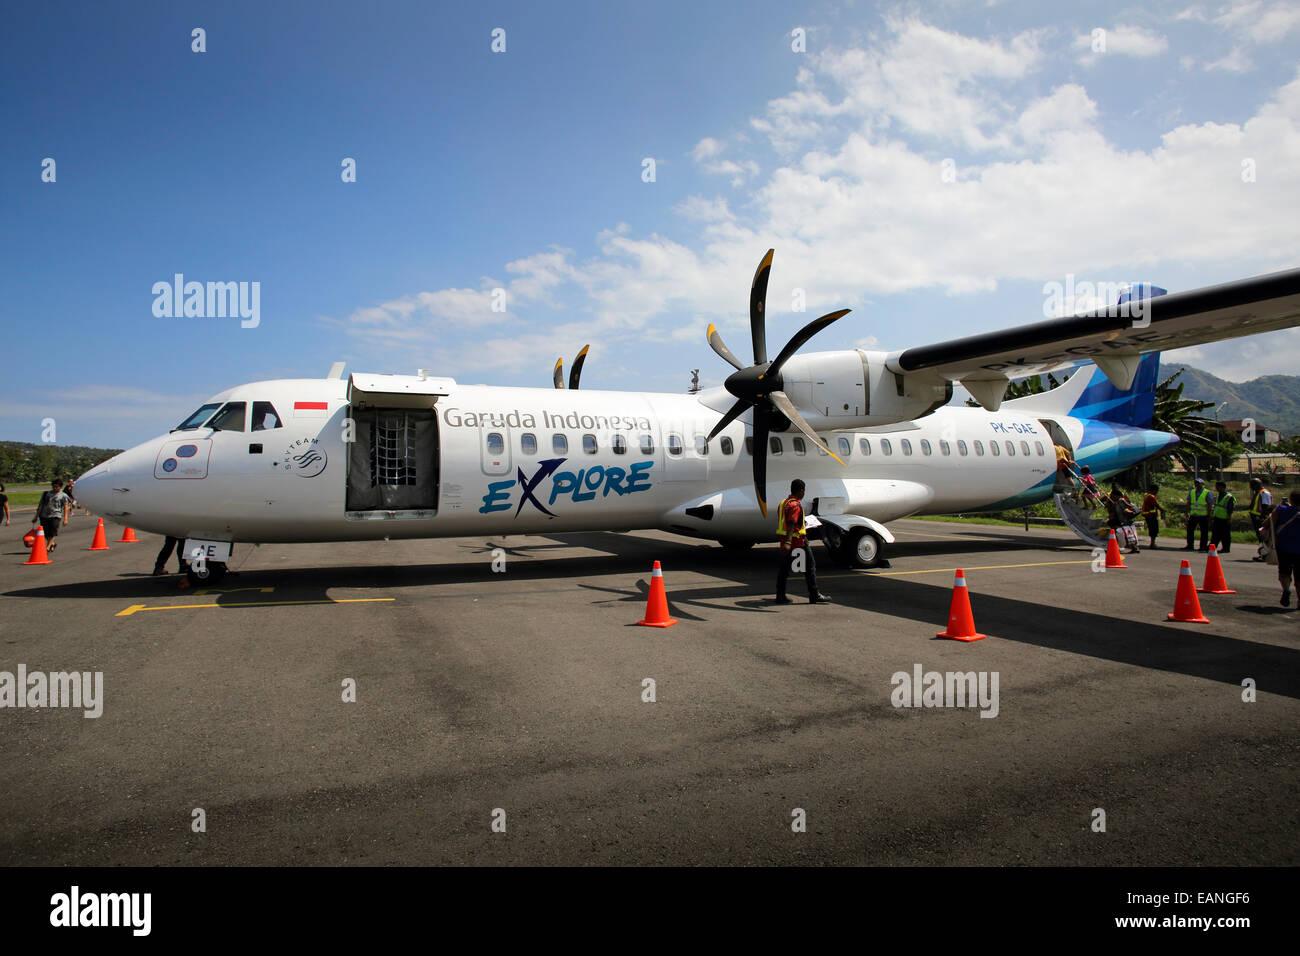 Garuda Indonesia-Propeller-Flugzeug auf dem Rollfeld am Flughafen Labuan Bajo auf der Insel Flores, Indonesien Stockbild